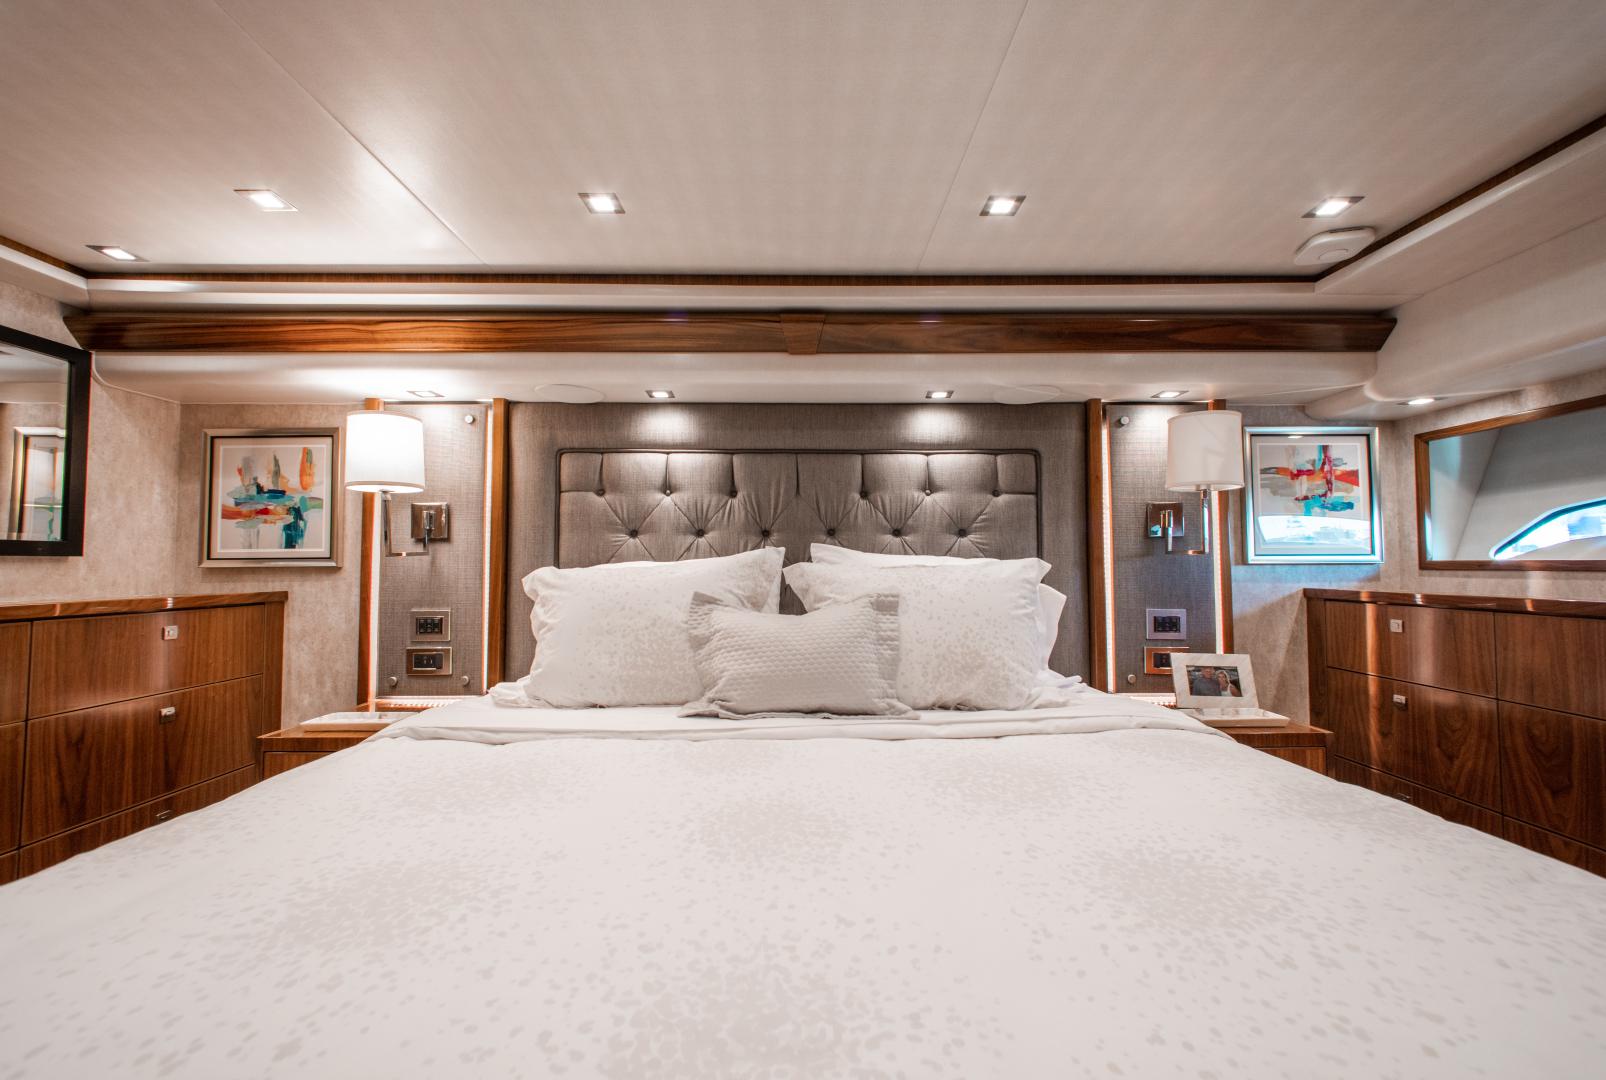 Viking-72 Enclosed Bridge 2018-Red Lion Ocean Reef-Florida-United States-2018 Viking 72 Enclosed Bridge  Red Lion  Master Stateroom-1568285   Thumbnail